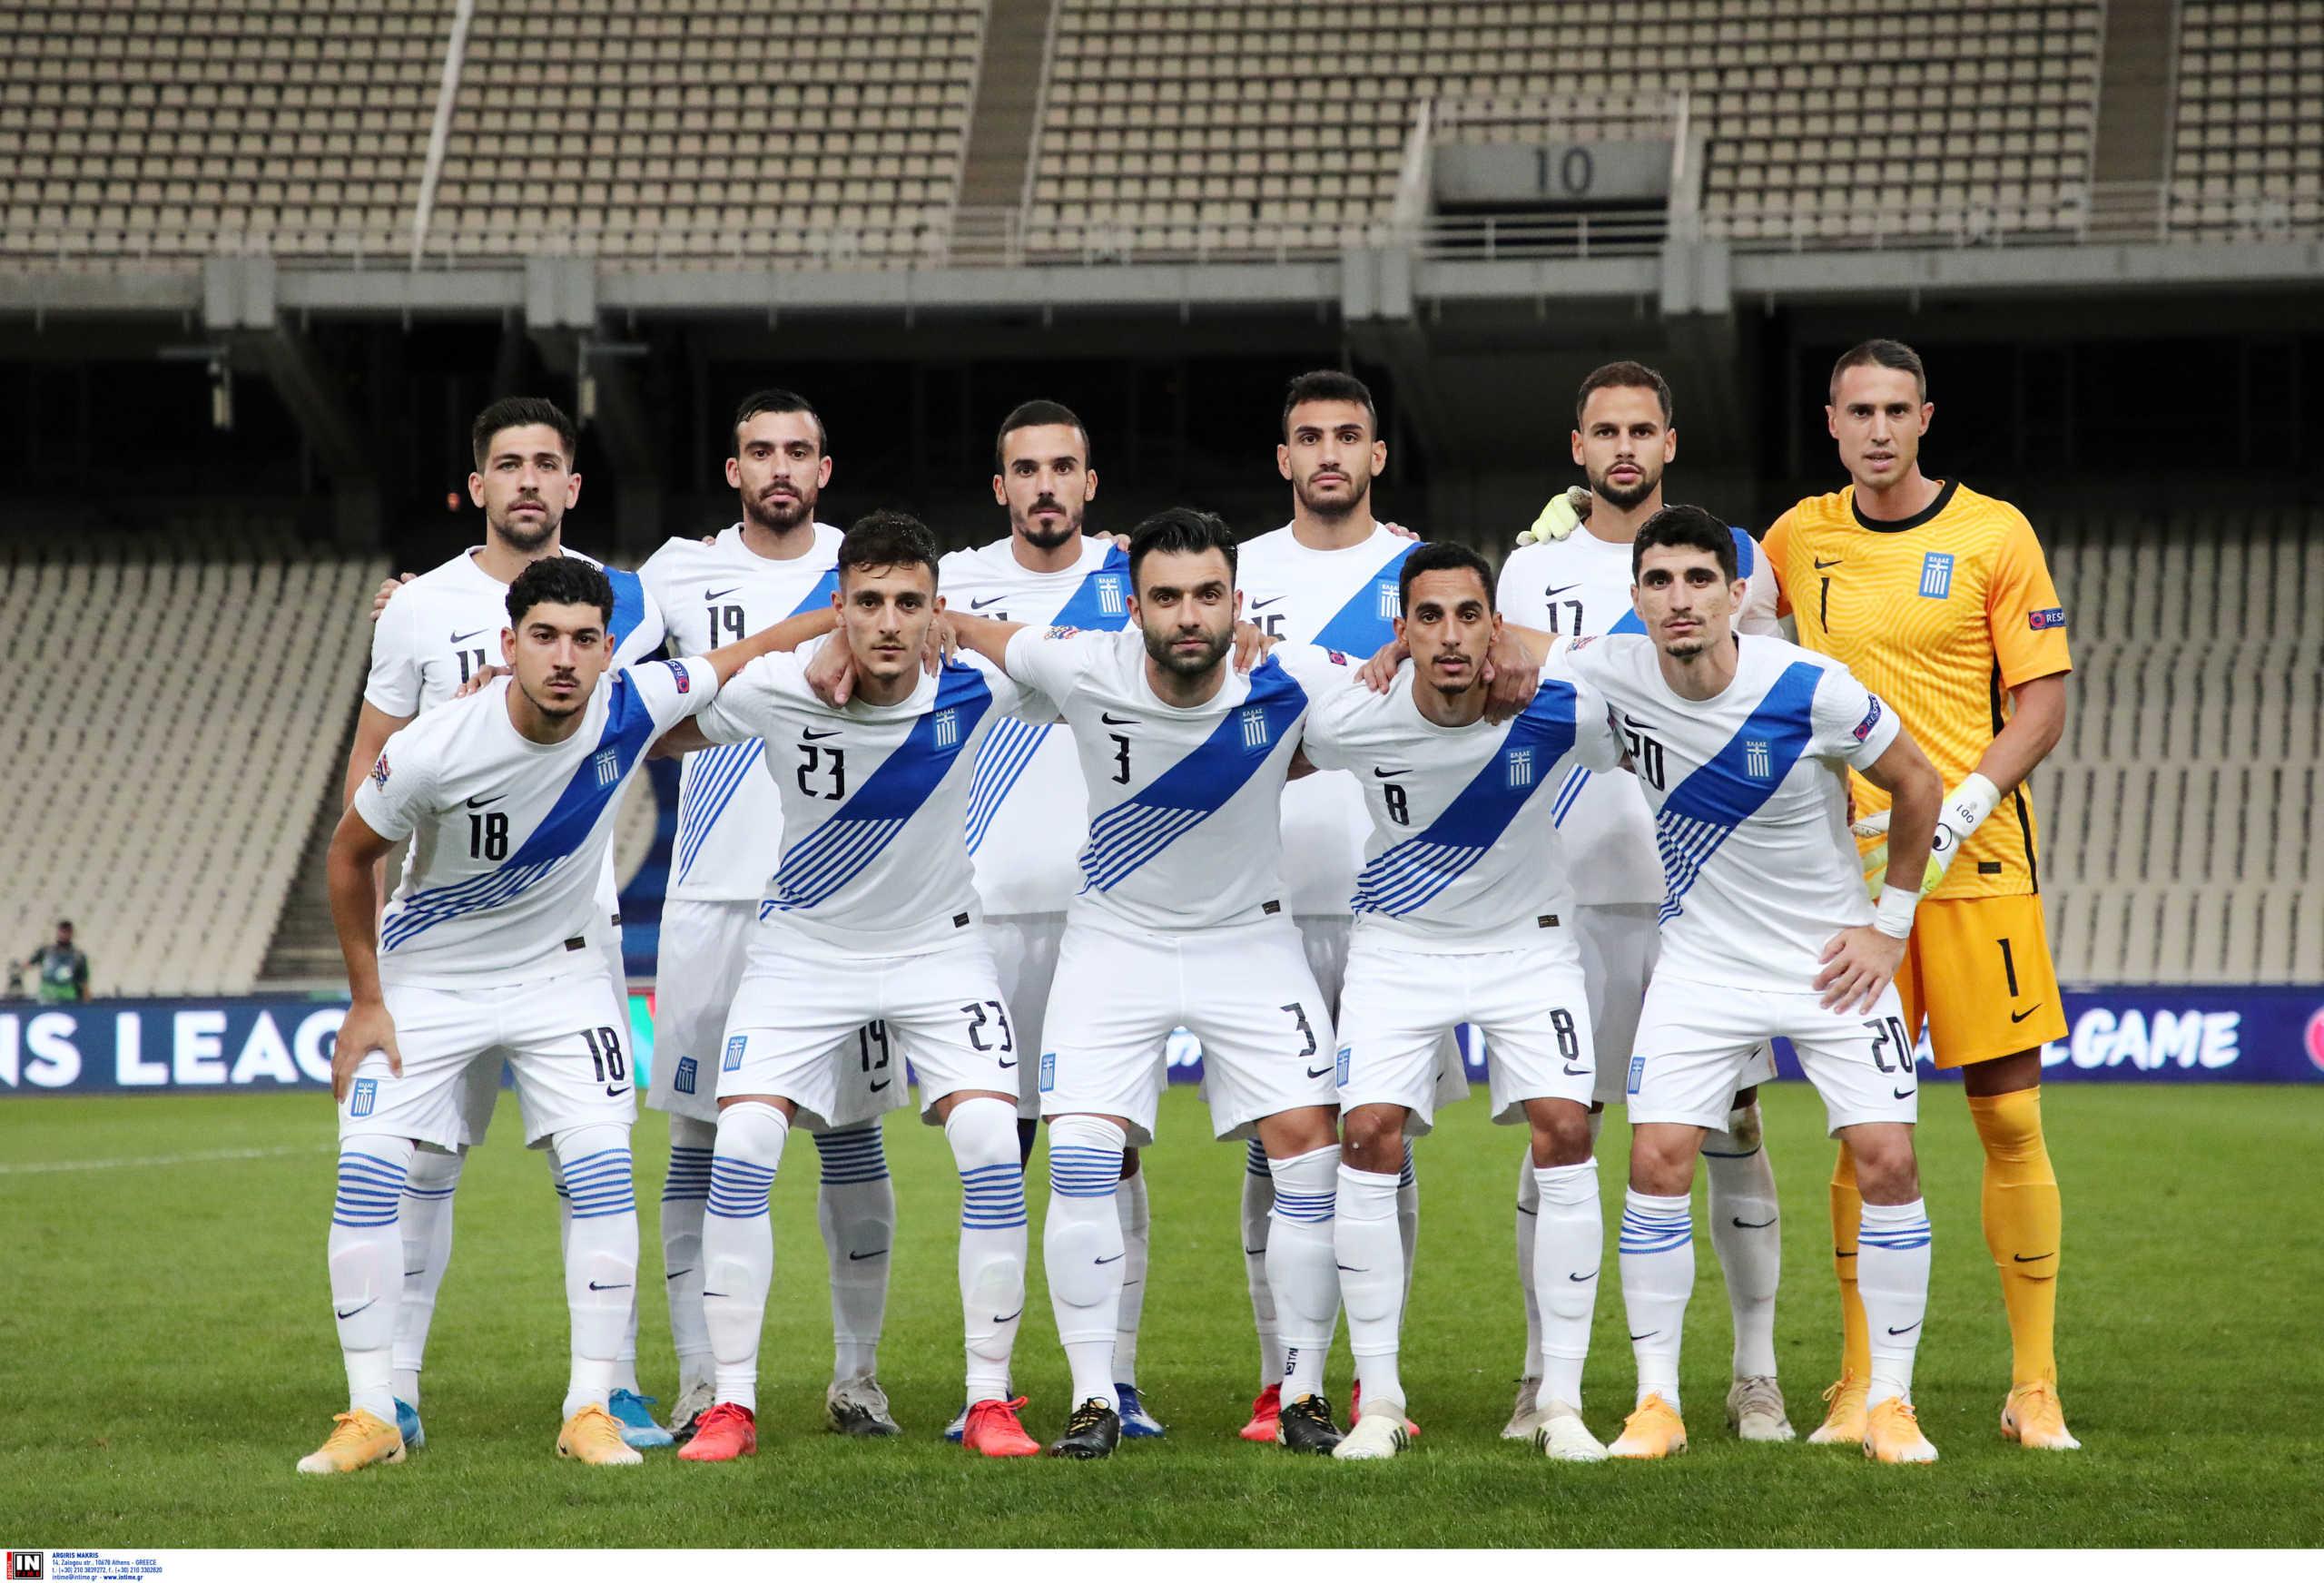 Εθνική Ελλάδας: Σούπερ φιλικά με Τουρκία και Βέλγιο για την ομάδα του Φαν΄τ Σιπ